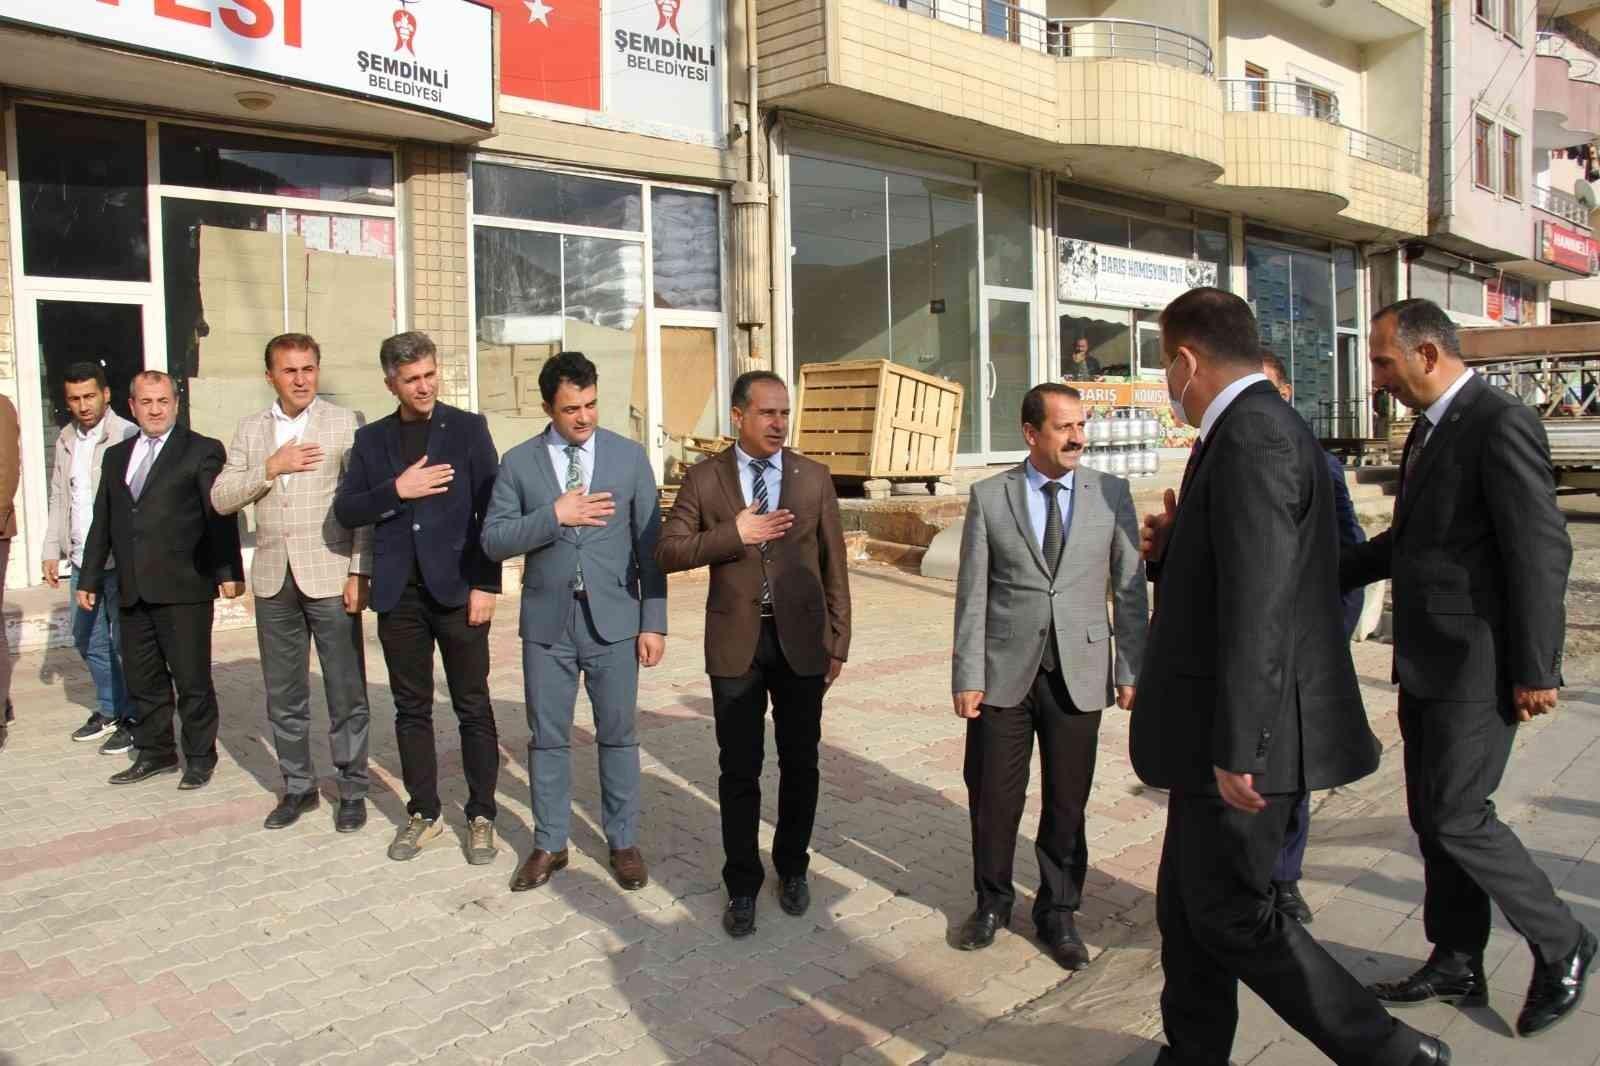 Vali Akbıyık'tan Şemdinli'ye ziyaret #hakkari